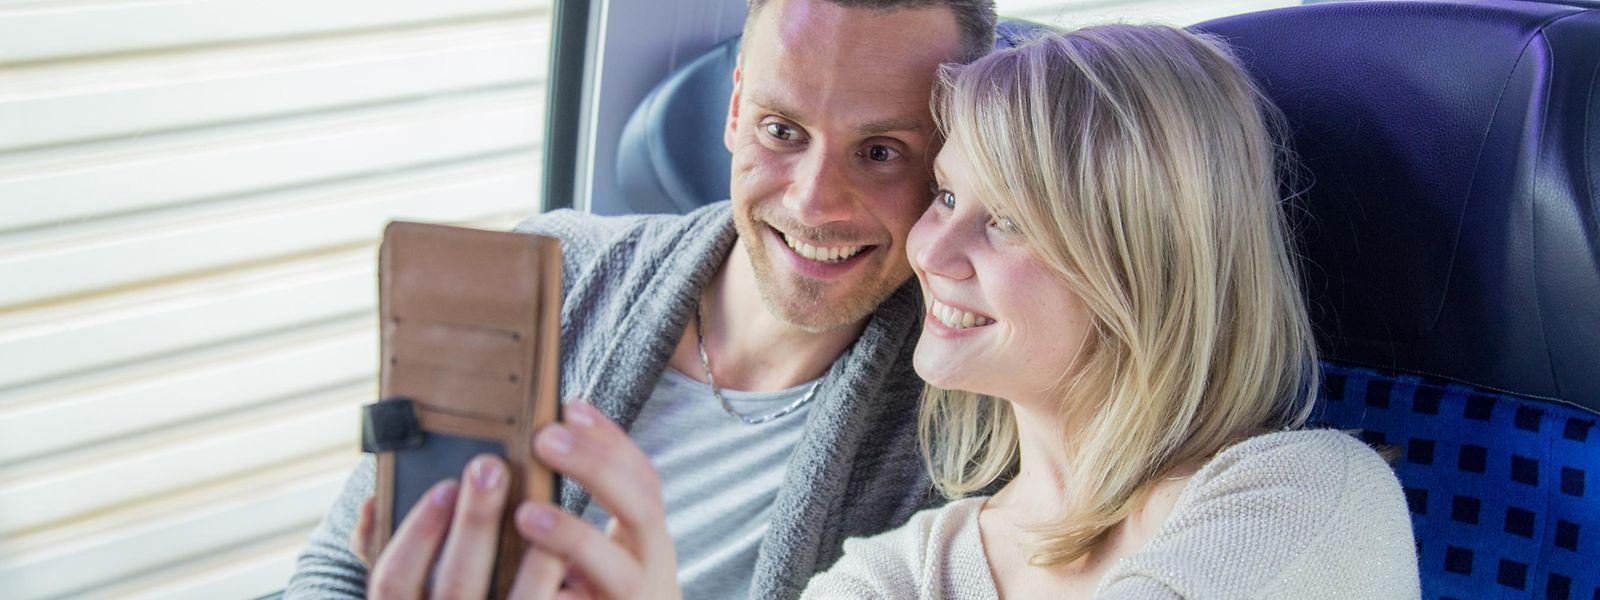 Manchmal reicht schon ein Lächeln - und das Smartphone löst bei Selfies von ganz alleine aus.